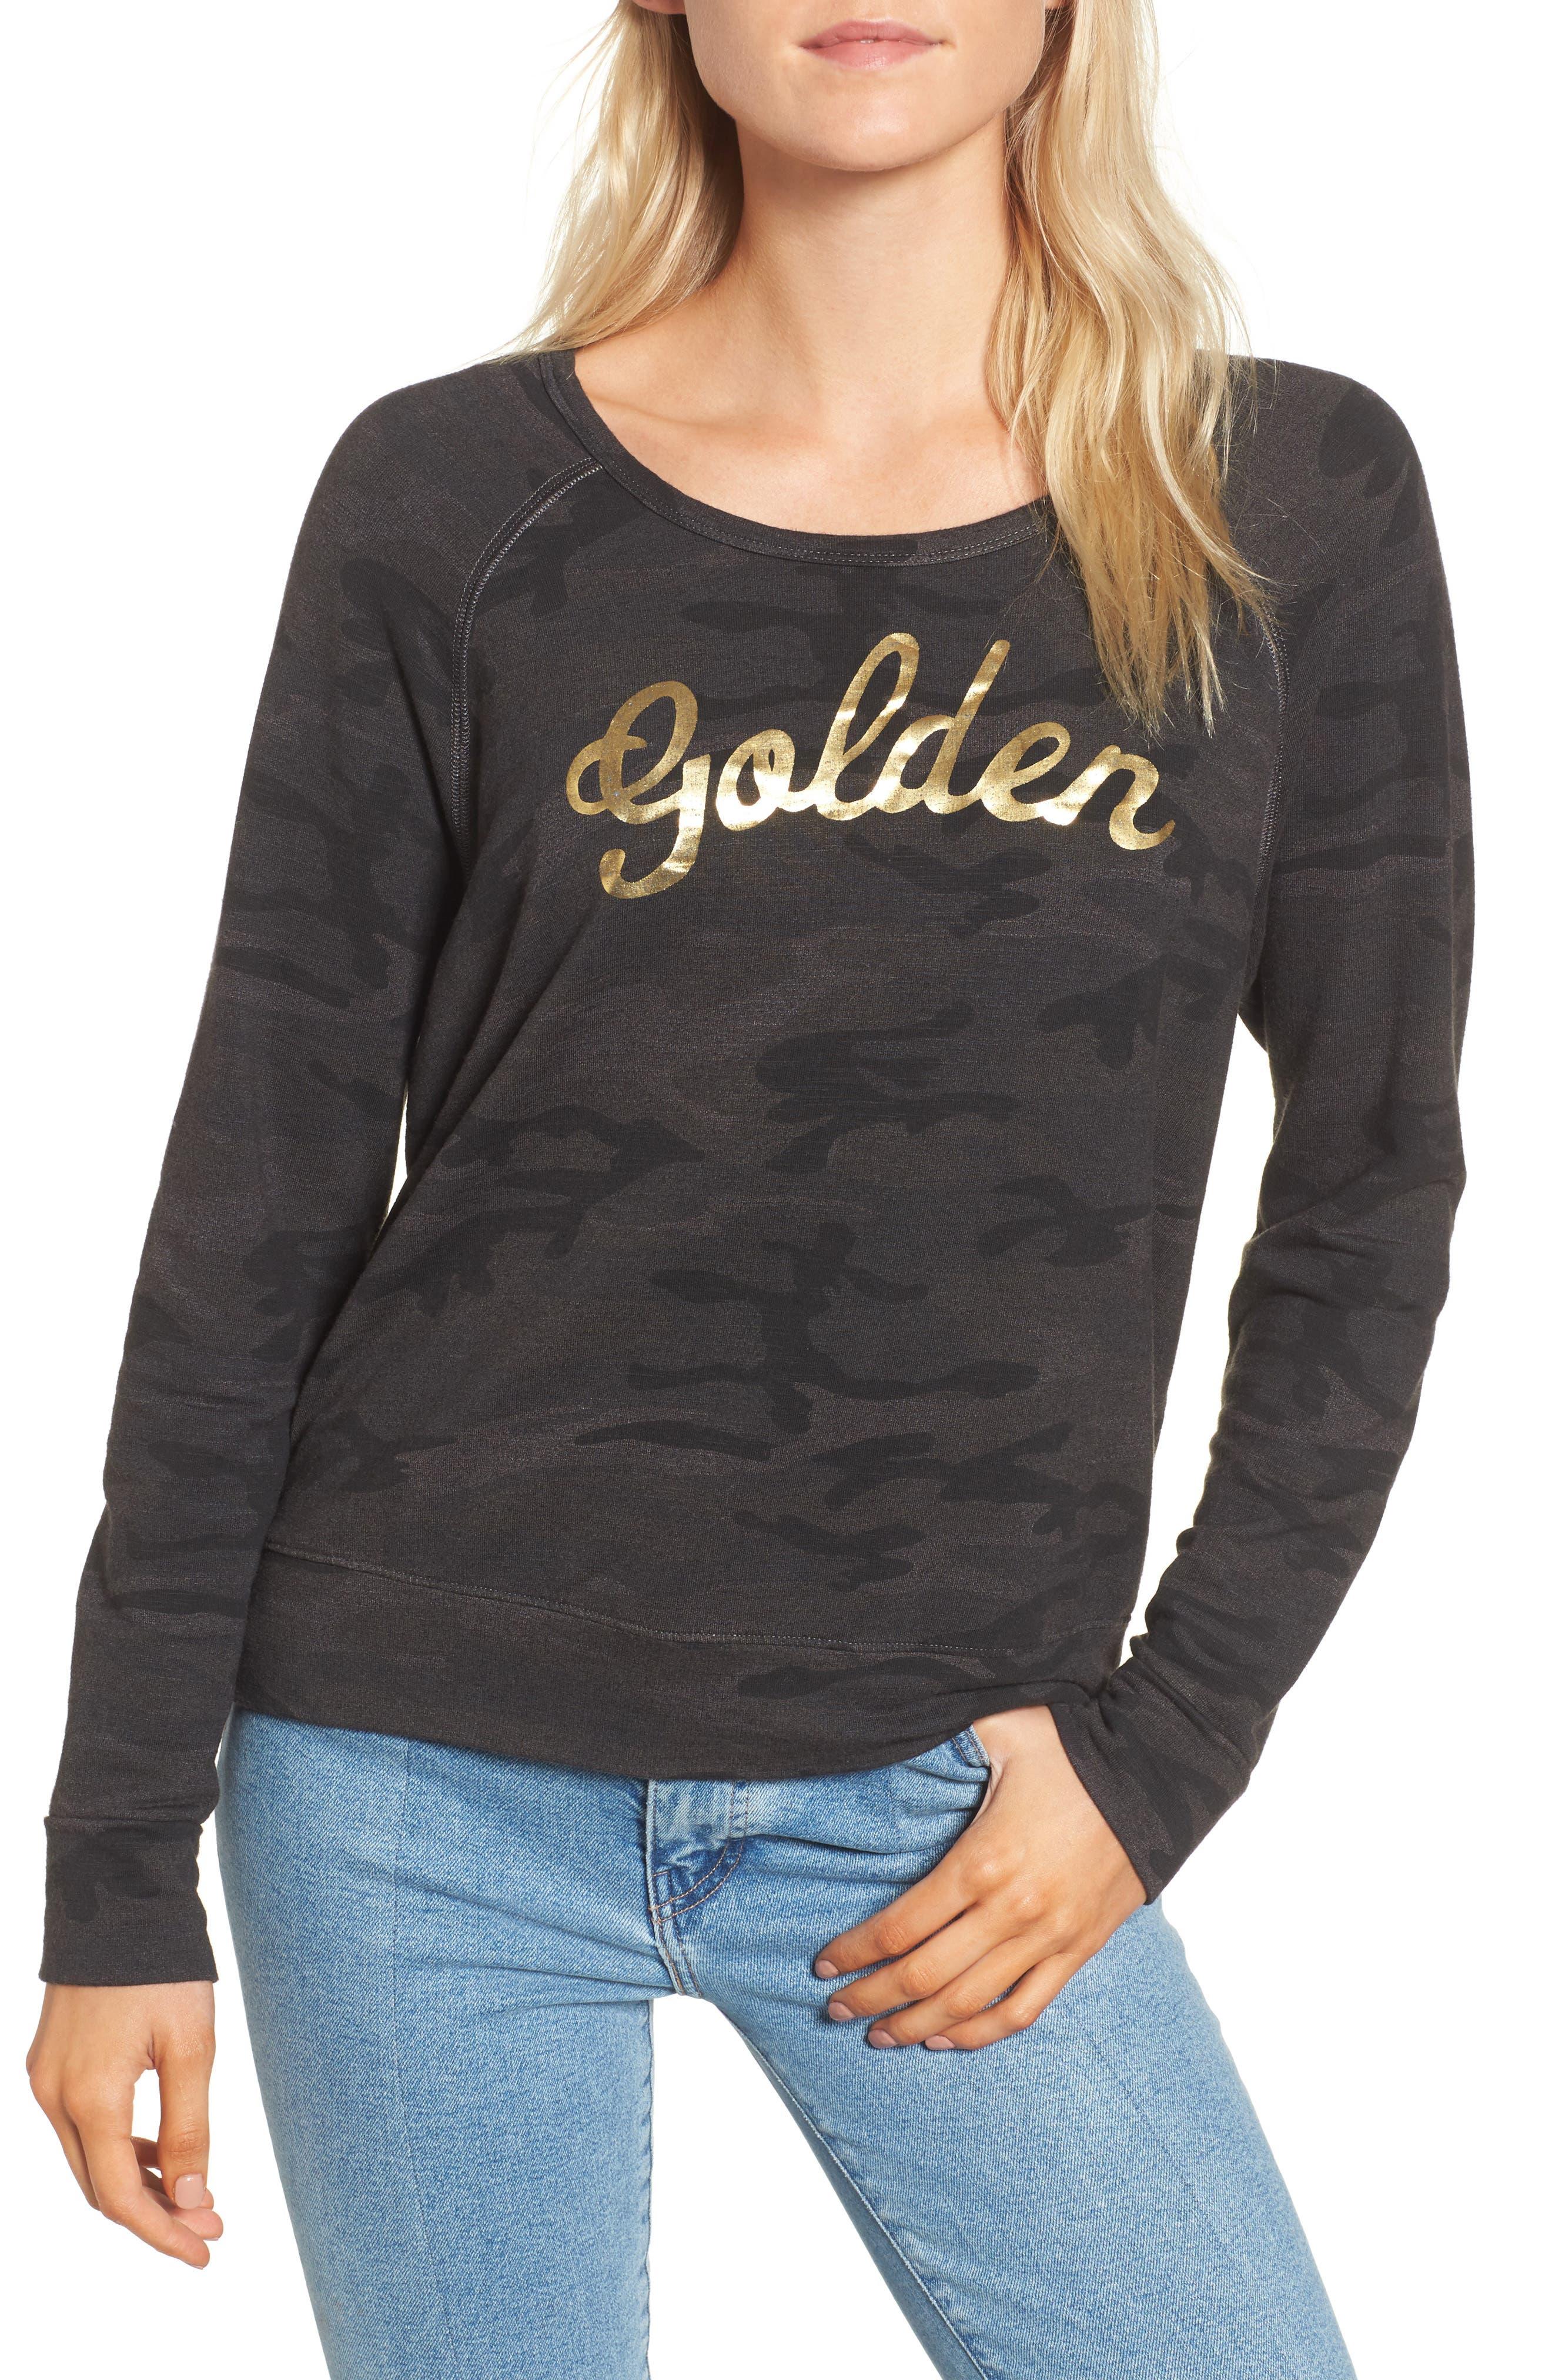 Active Golden Sweatshirt,                         Main,                         color, 020